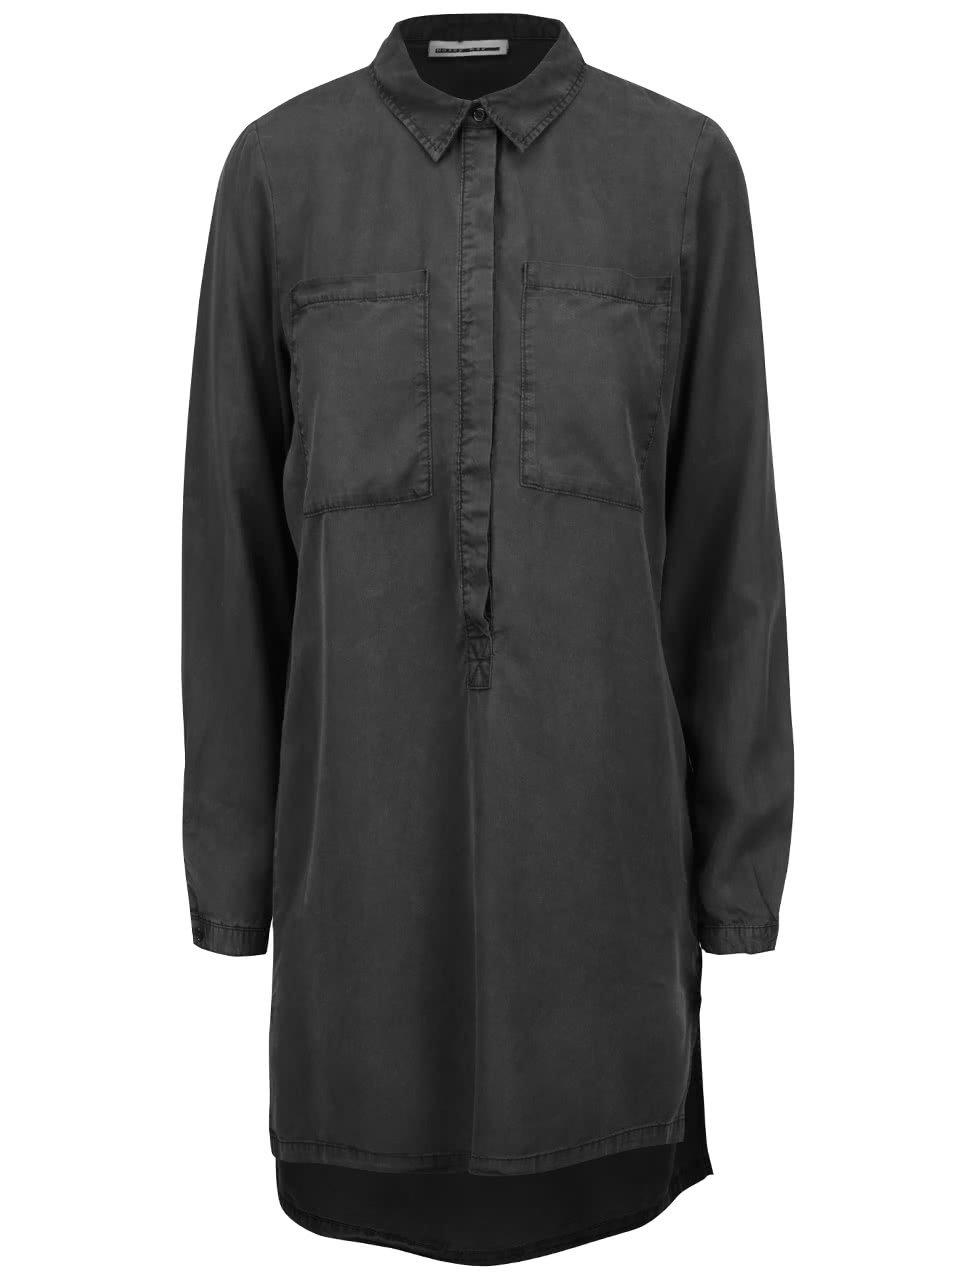 Černá delší košile s prodlouženou zadní délkou Noisy May Lilli ... 668d5a42d6